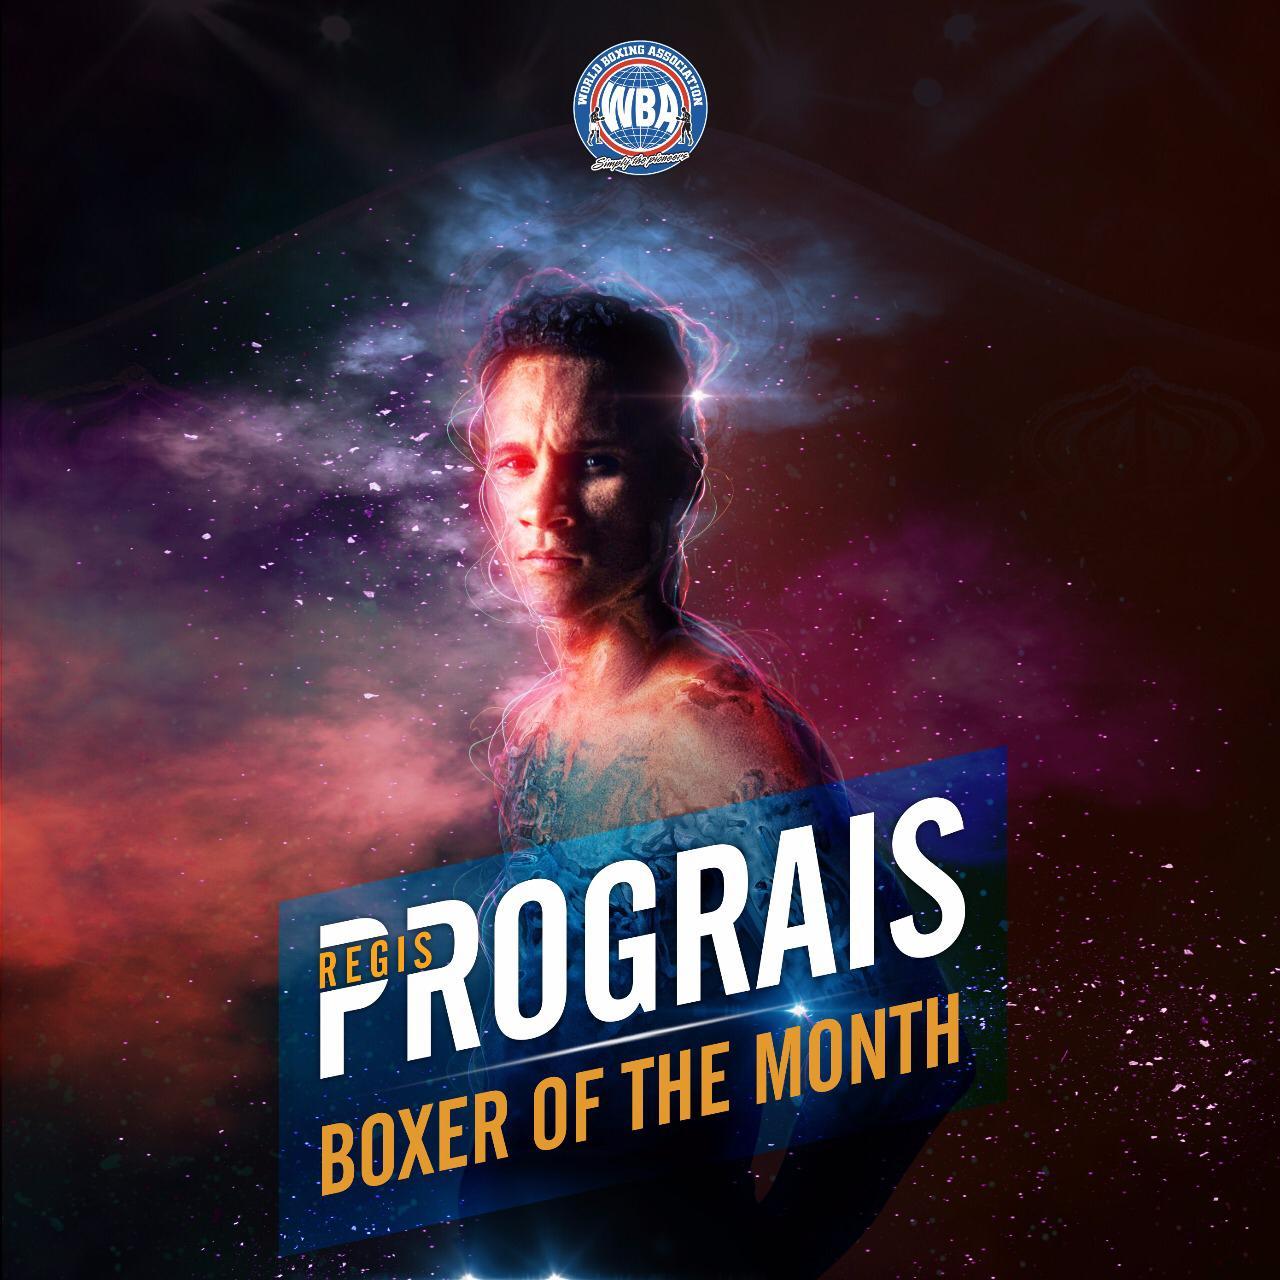 Regis Prograis – Boxeador del mes de abril 2019